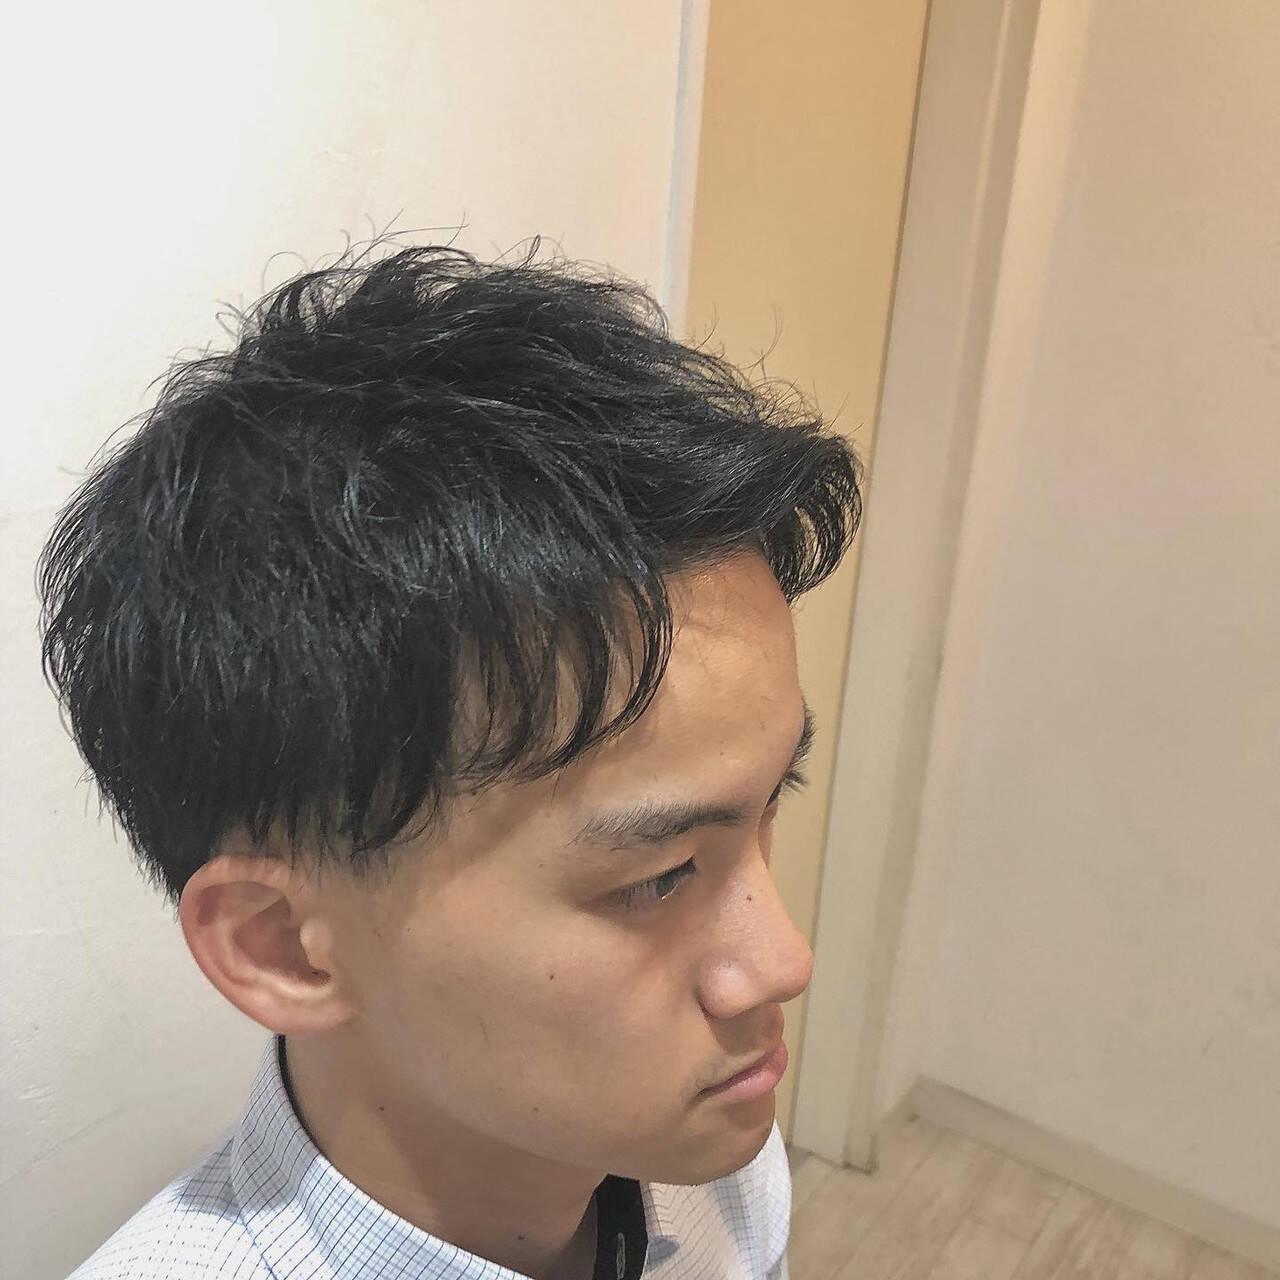 ナチュラル ショート メンズカット アップバングヘアスタイルや髪型の写真・画像